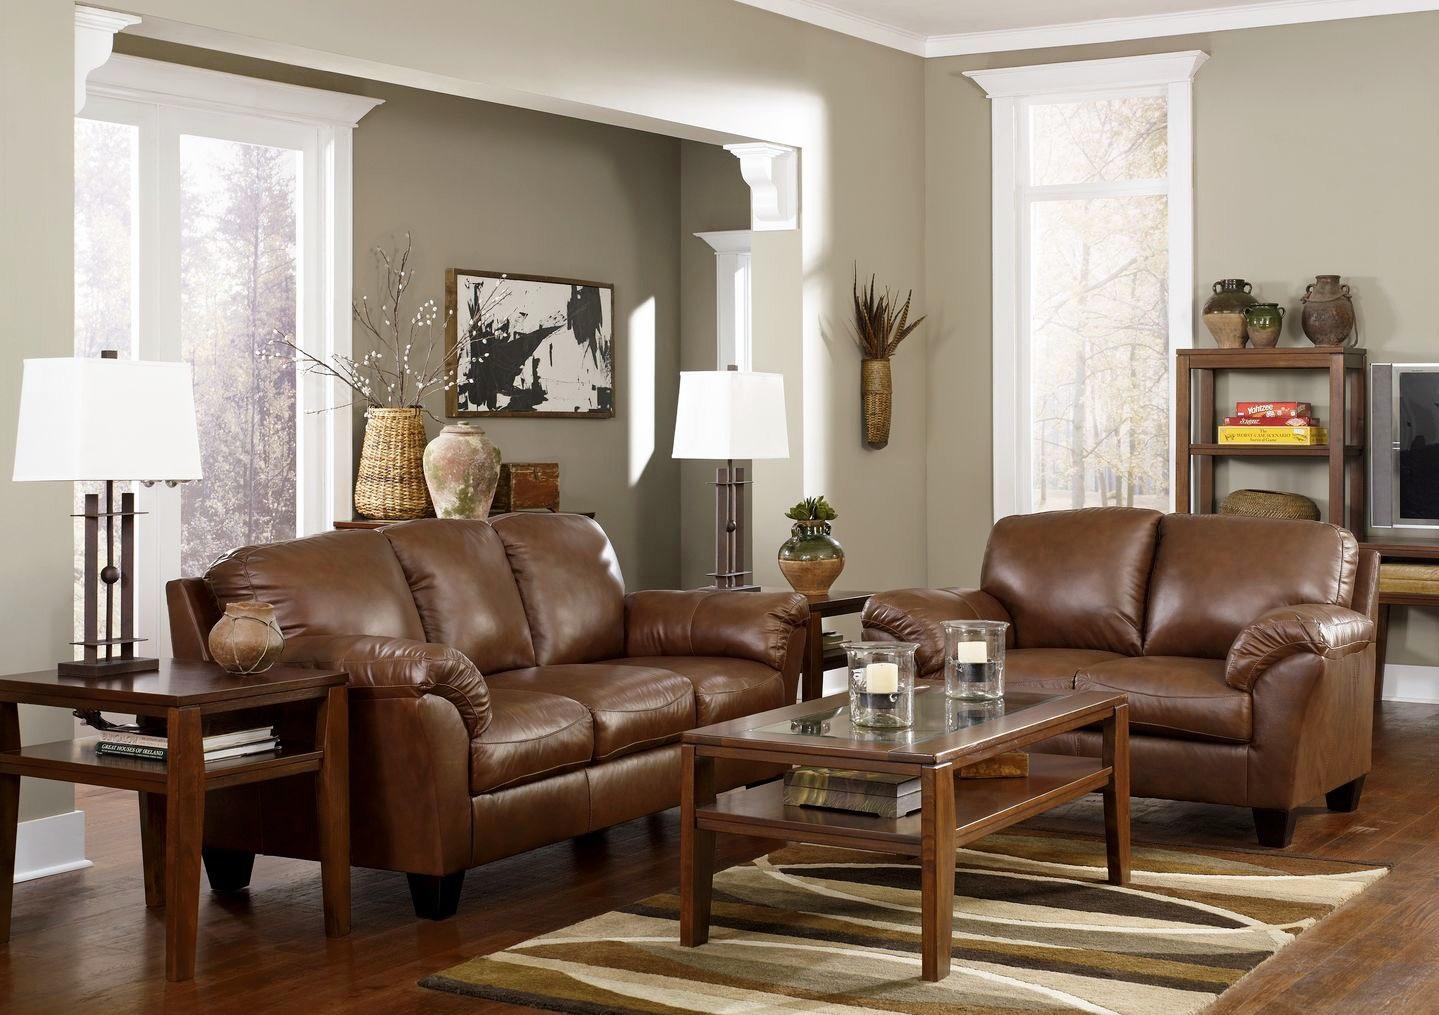 Коричневая мебель в серой гостиной